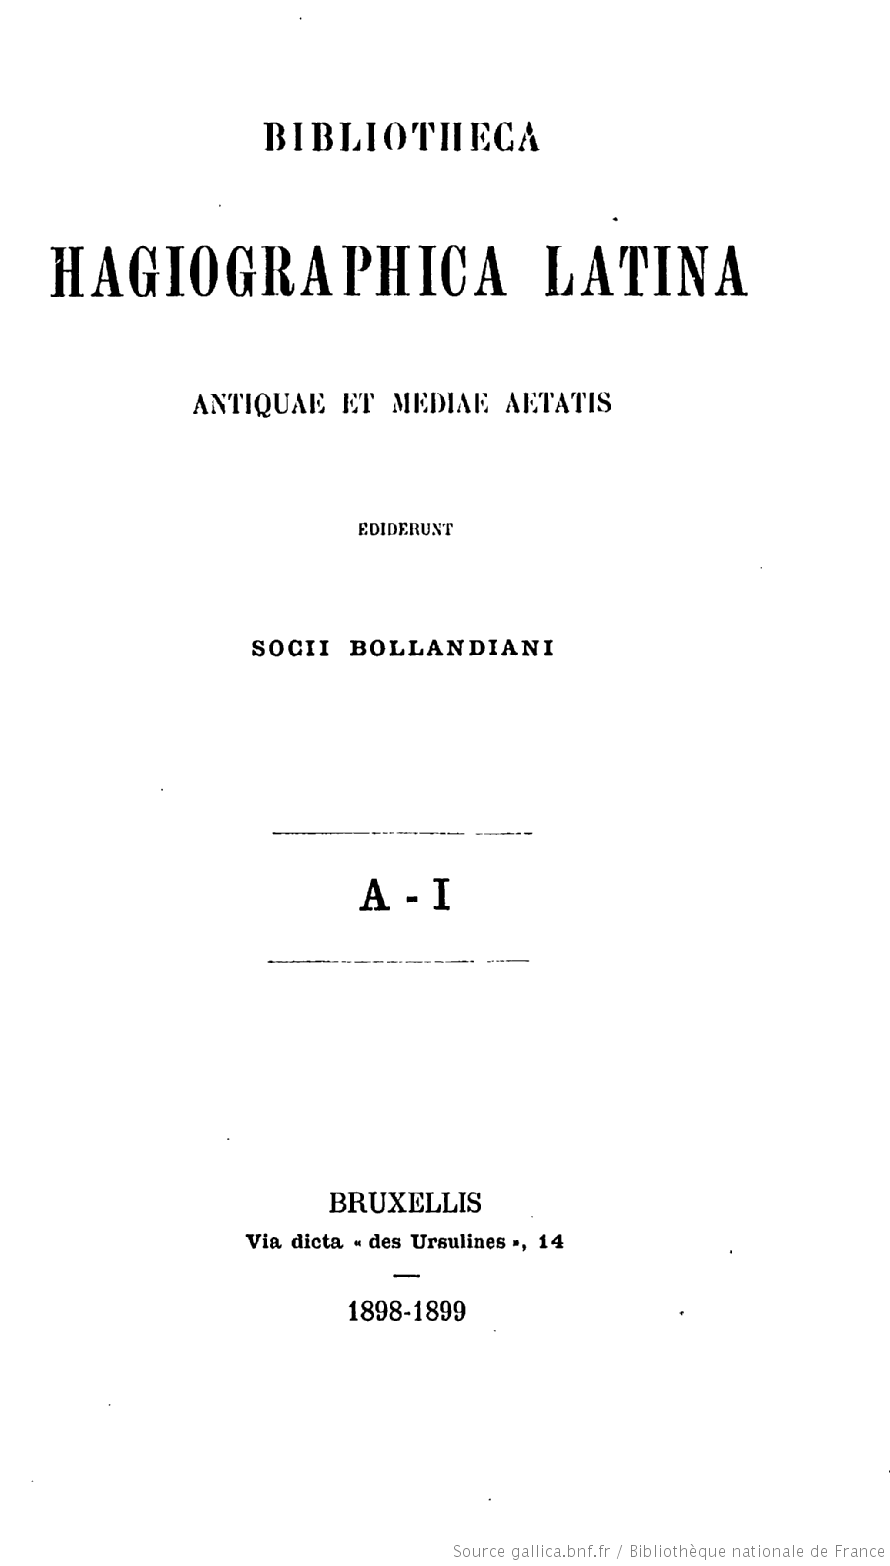 Page de titre de la Bibliotheca hagiographica Latina antiquae et mediae aetatis